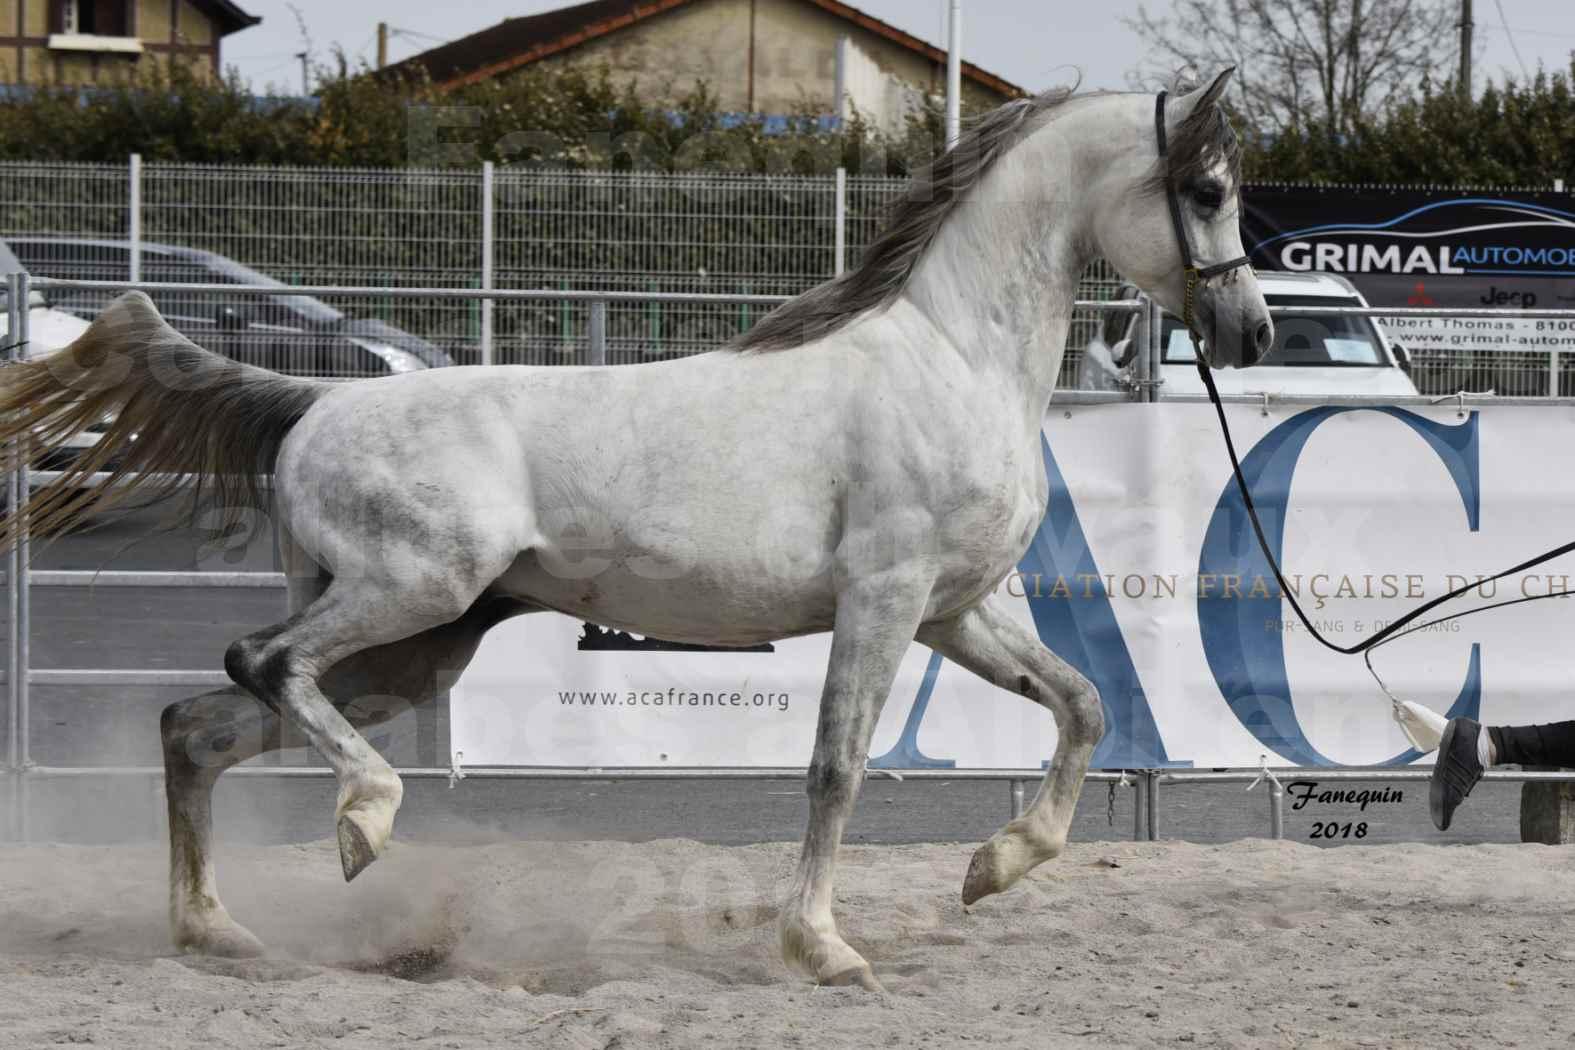 Concours d'élevage de Chevaux Arabes - Demi Sang Arabes - Anglo Arabes - ALBI les 6 & 7 Avril 2018 - FADI ALBIDAYER - Notre Sélection - 06